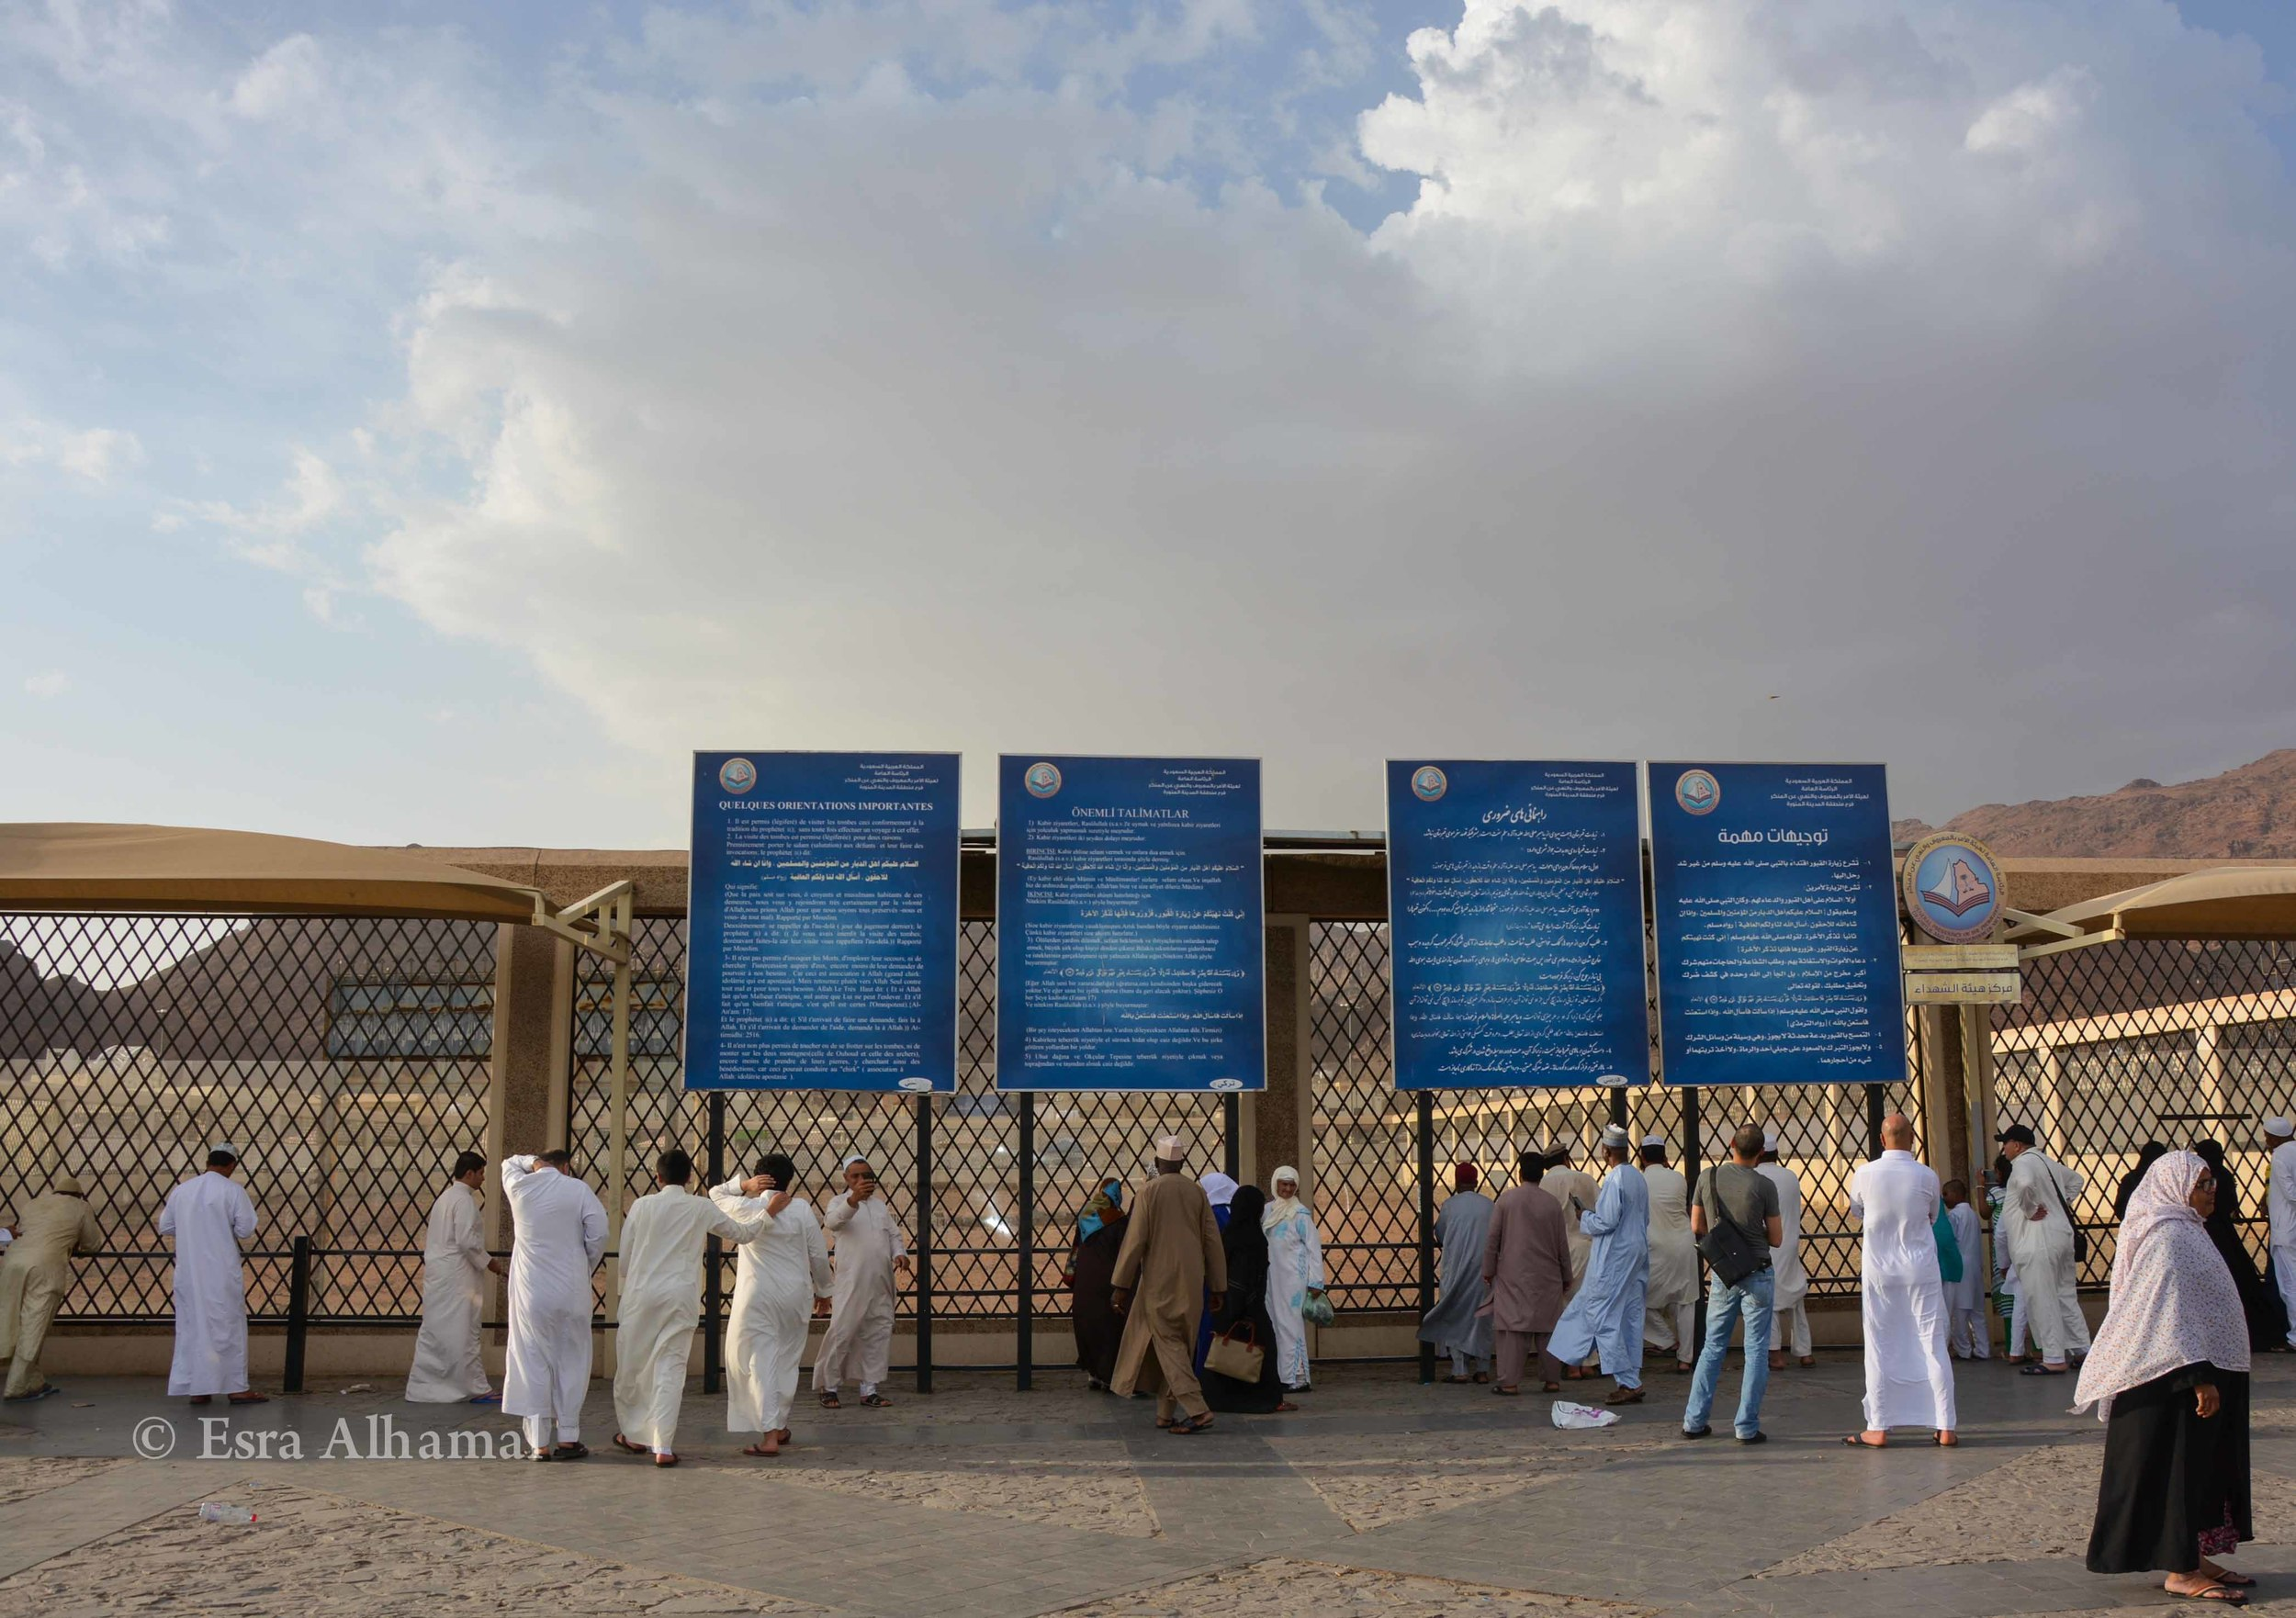 مقبرة شهداء أحد وعم الرسول حمزة Auhd Martyr Cemetery and Hamza's Grave